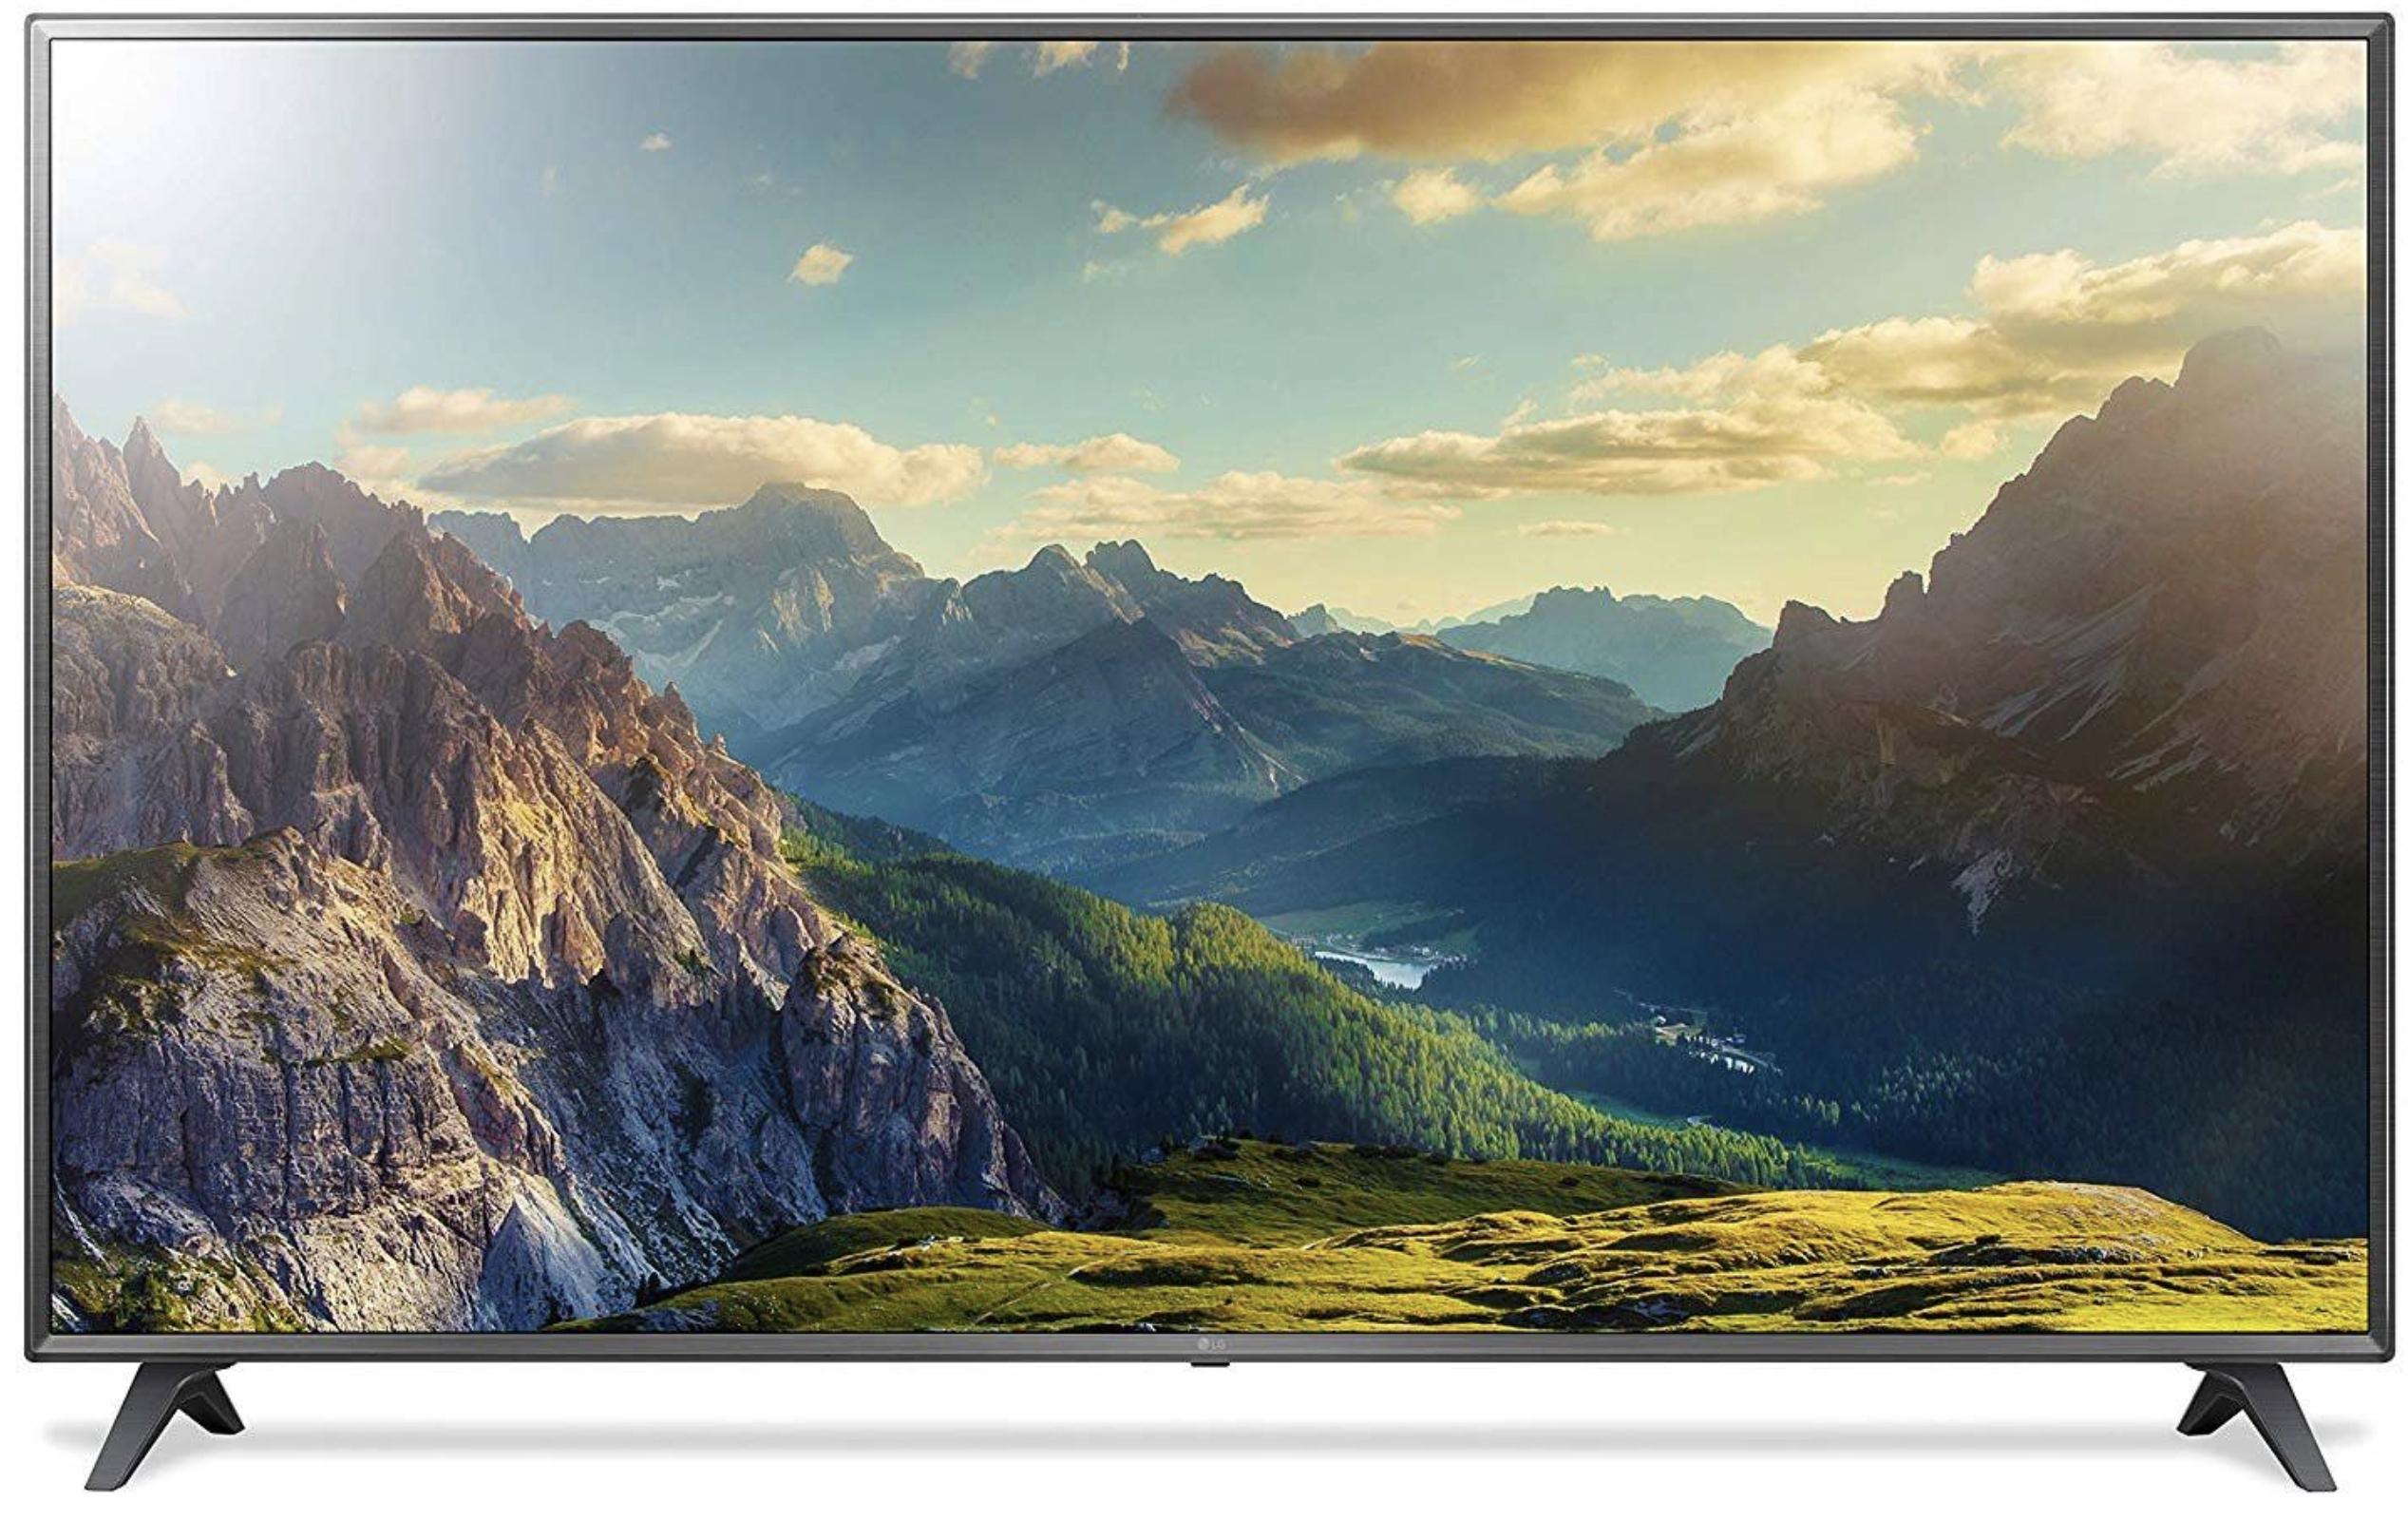 Euronics Bodensee: LG 75UK6200PLB 189cm 75 Zoll 4K UHD TV für 969€ bei Abholung oder plus 39,90€ Versandkosten